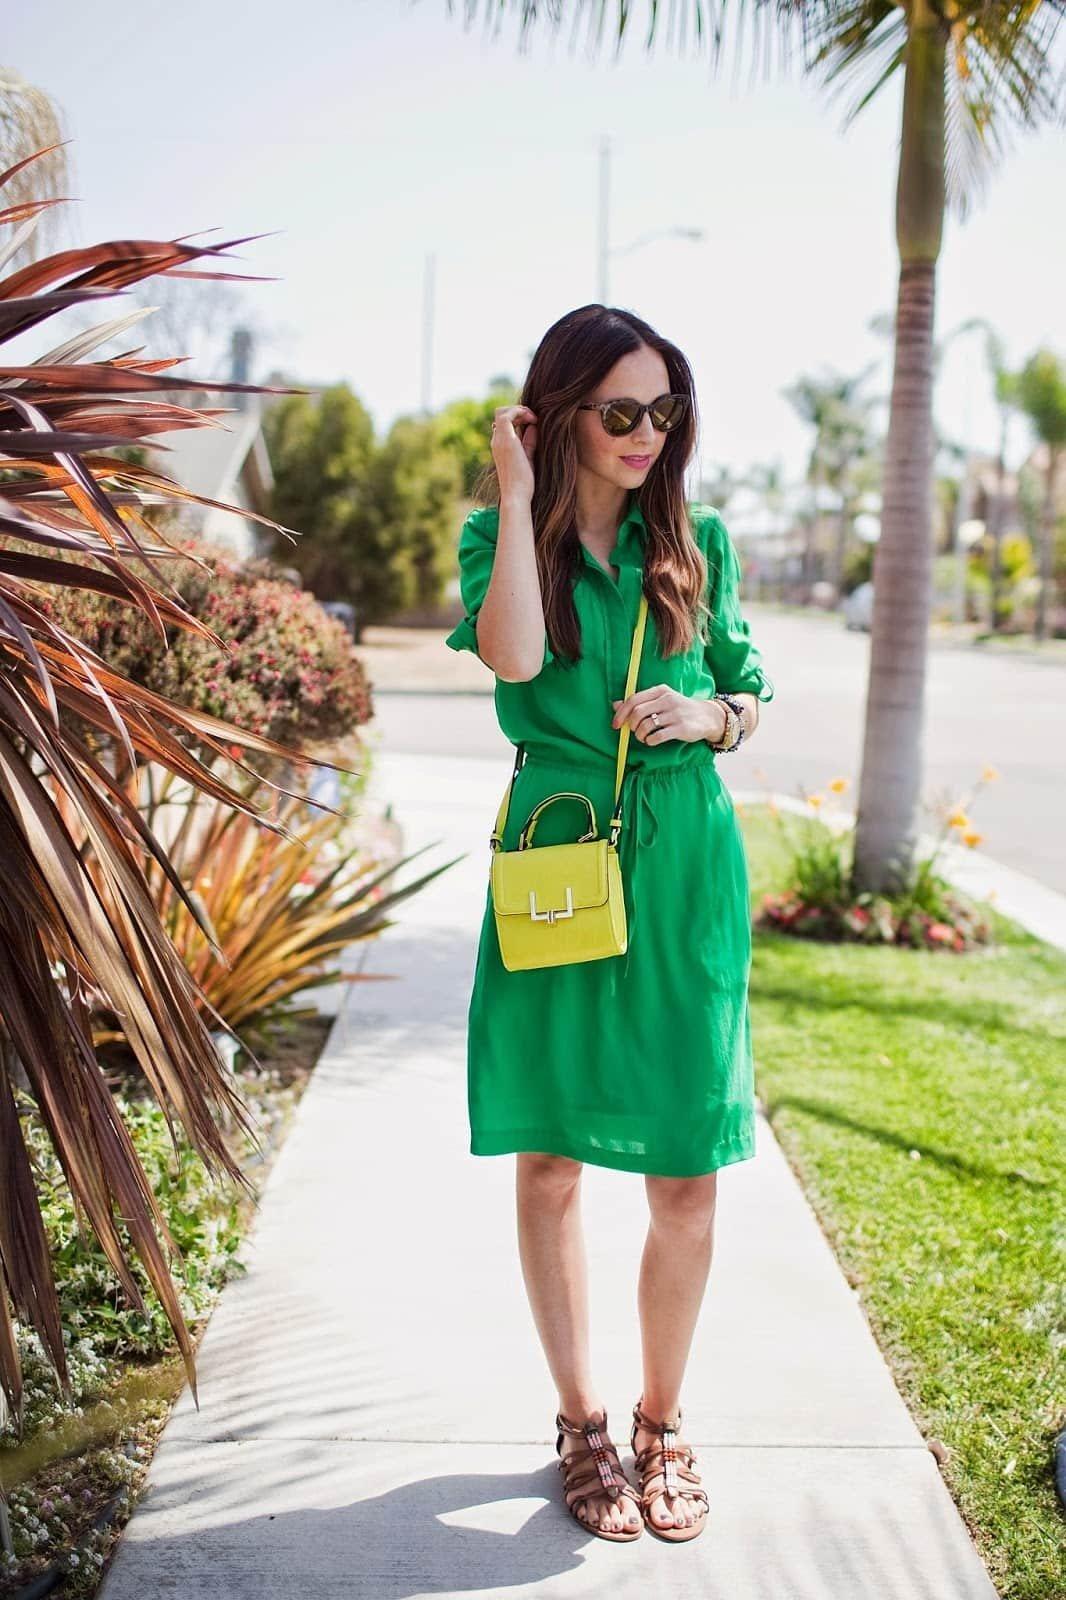 изысканный, образ в зеленом платье фото чаще